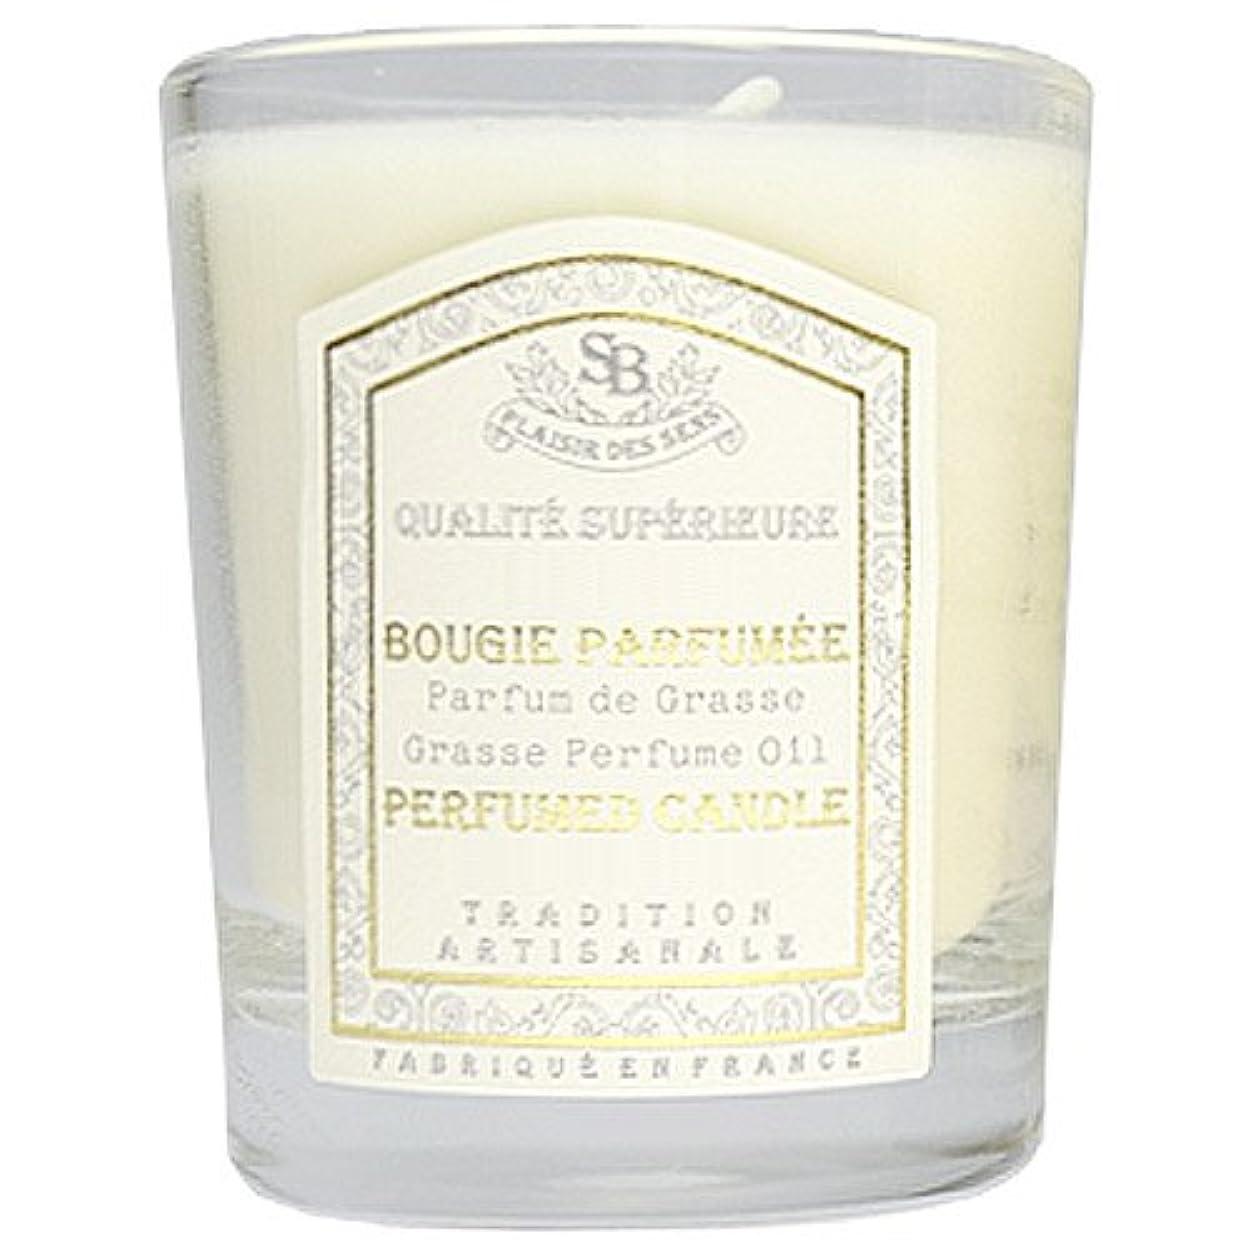 傷跡割り当てる解放するSenteur et Beaute(サンタールエボーテ) フレンチクラシックシリーズ グラスキャンドル 90g 「コットンリネン」 4994228021984